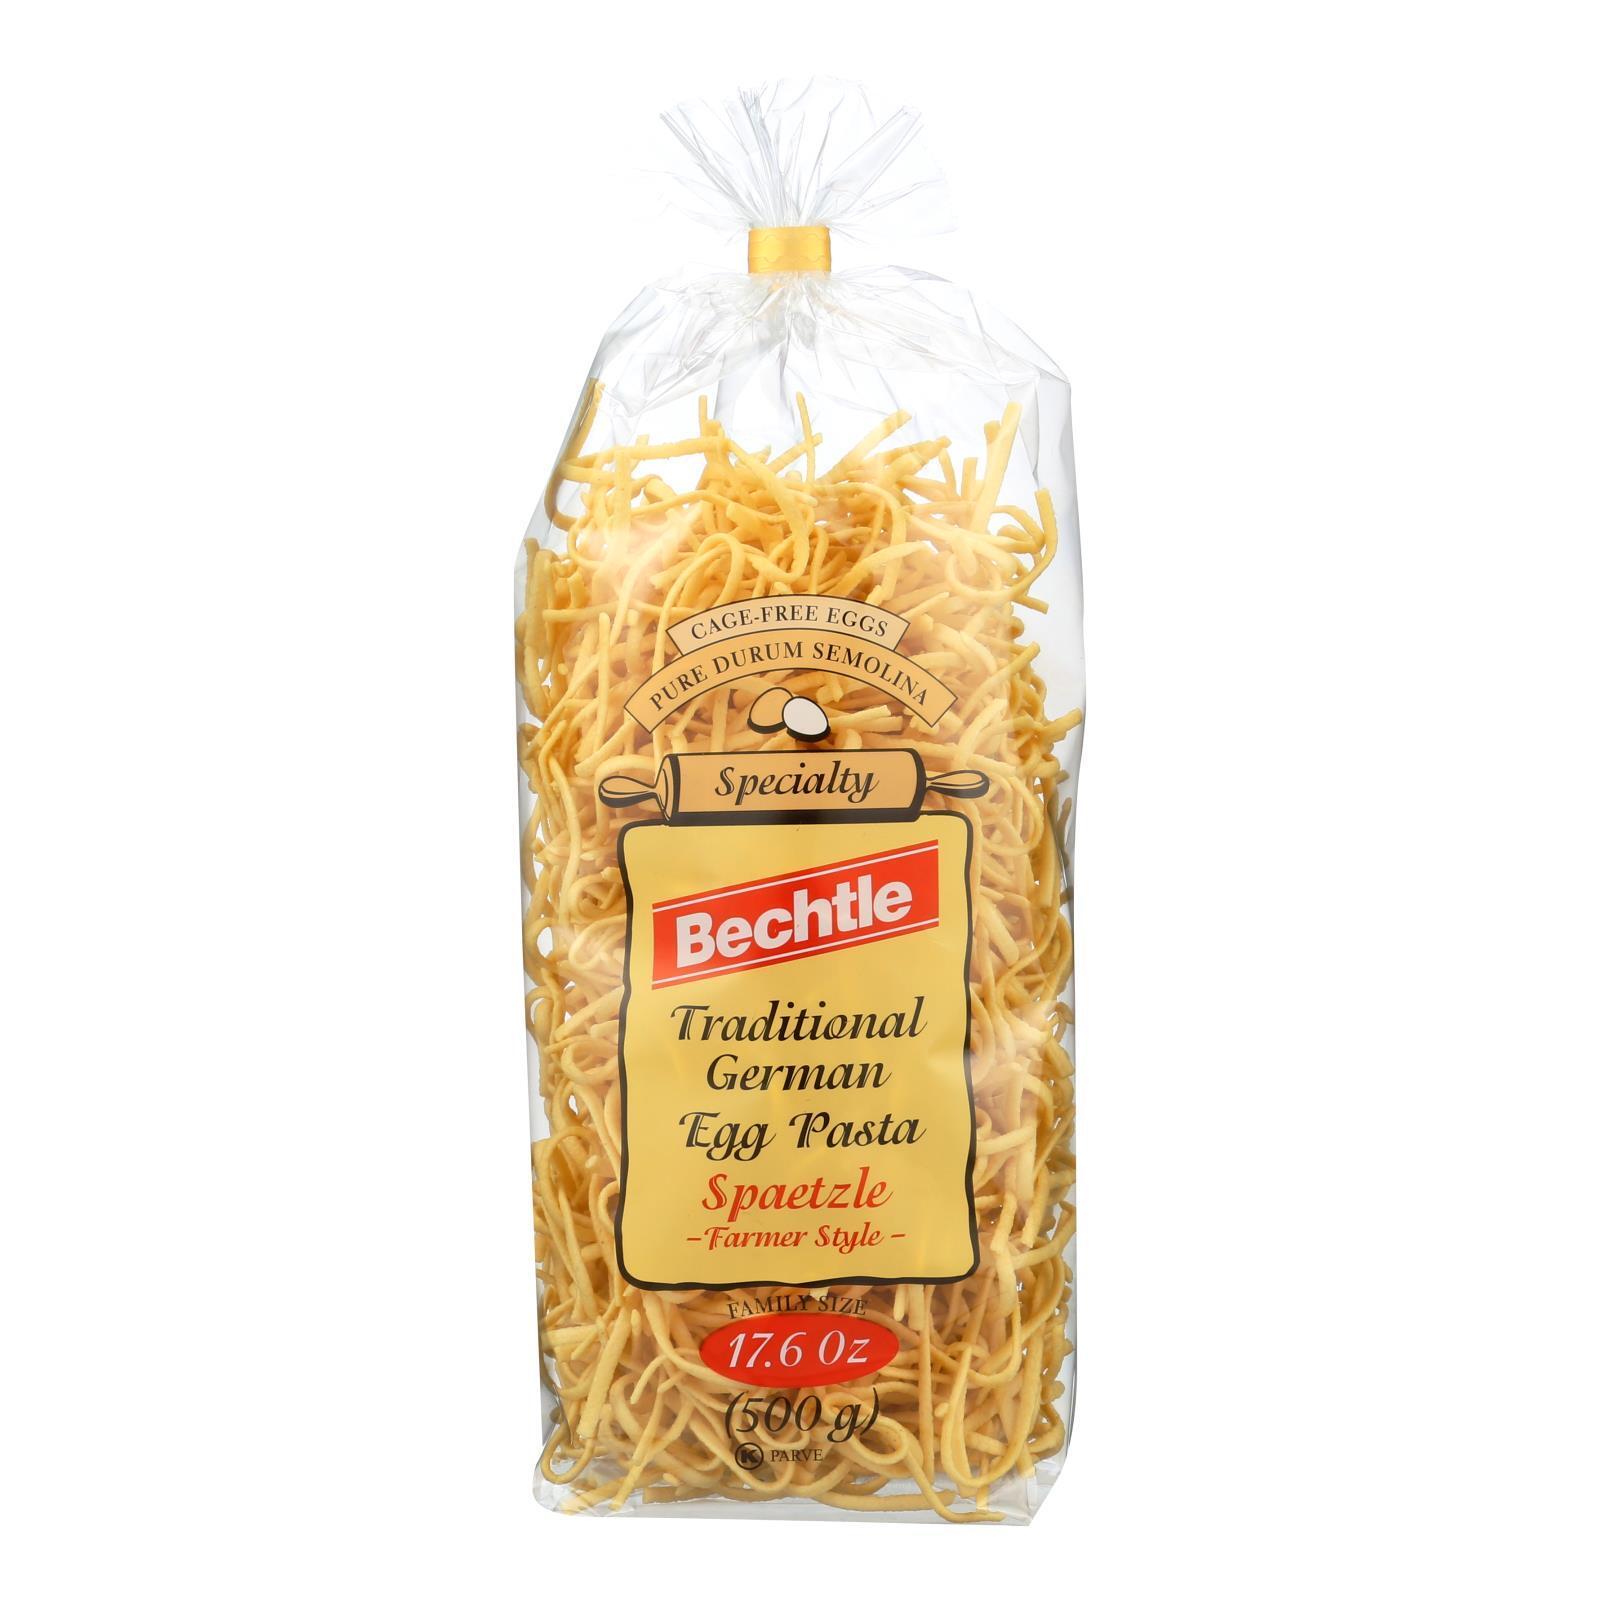 Bechtle Egg Noodles - Spaetzle - Case of 12 - 17.6 oz